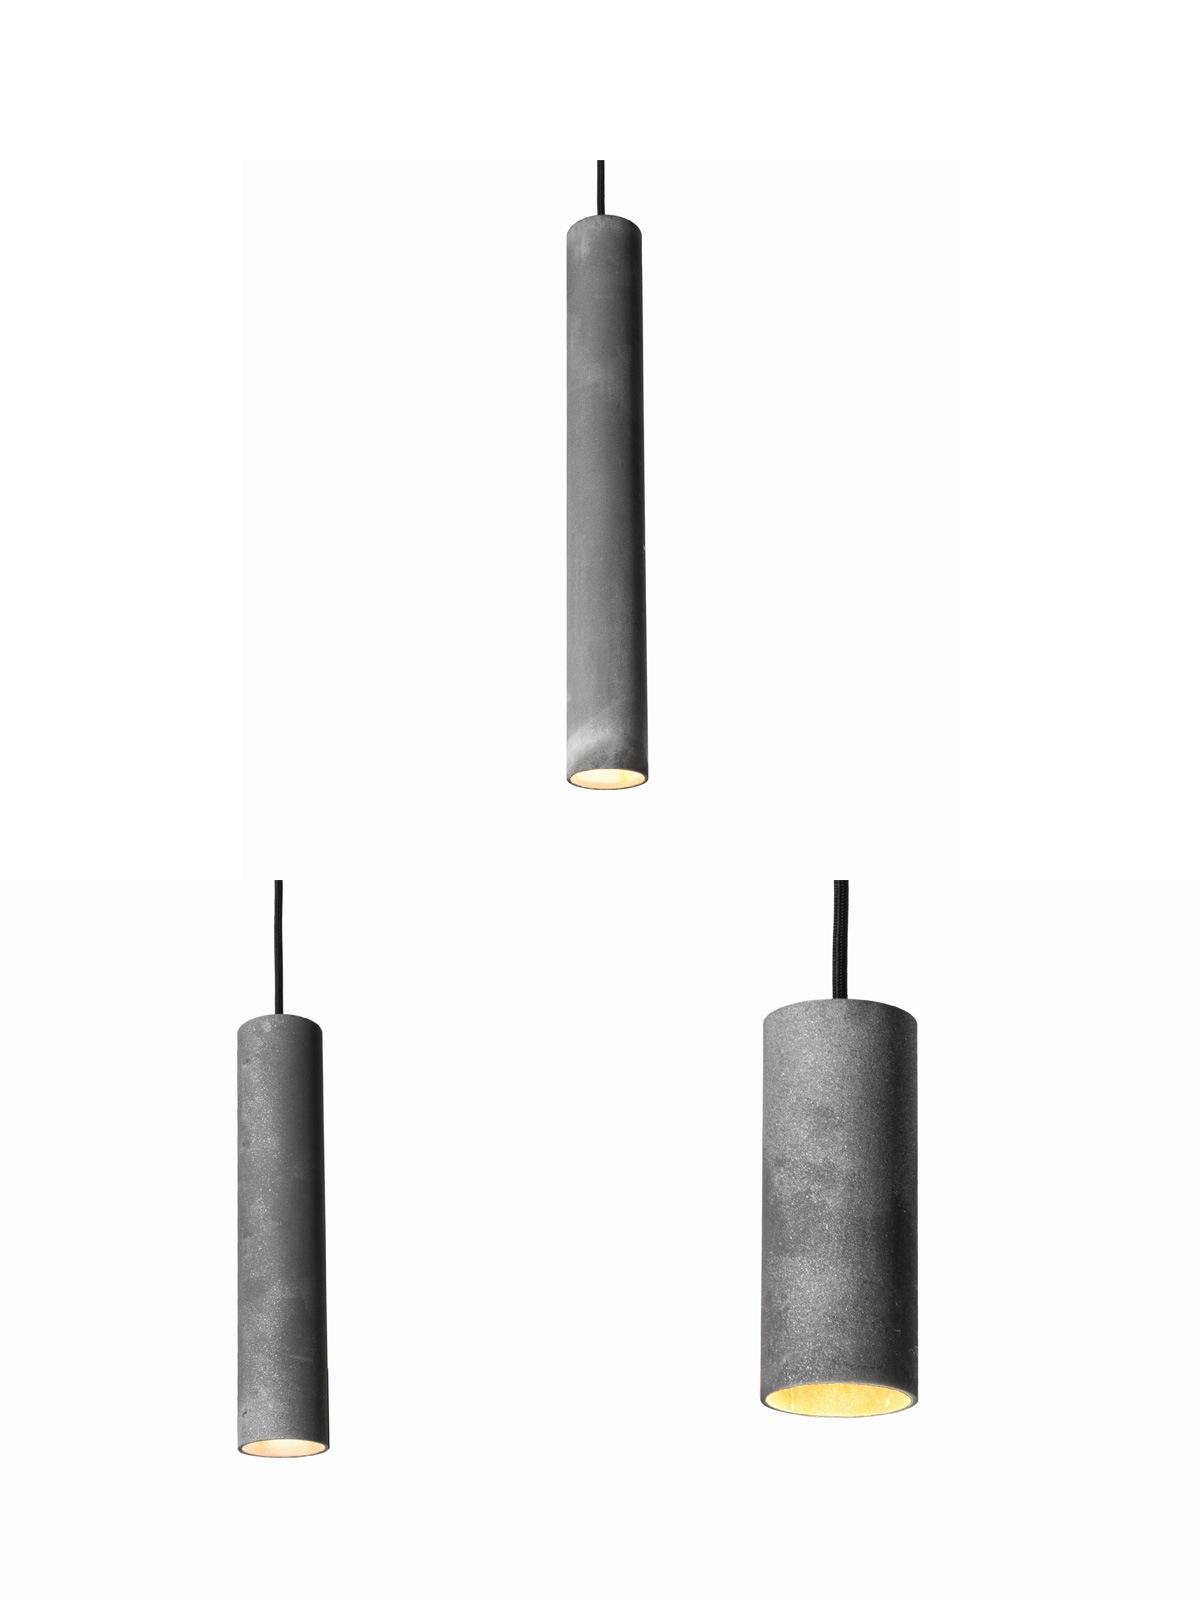 Roest Zink Pendelleuchten Graypants Designort Onlineshop Lampen Berlin